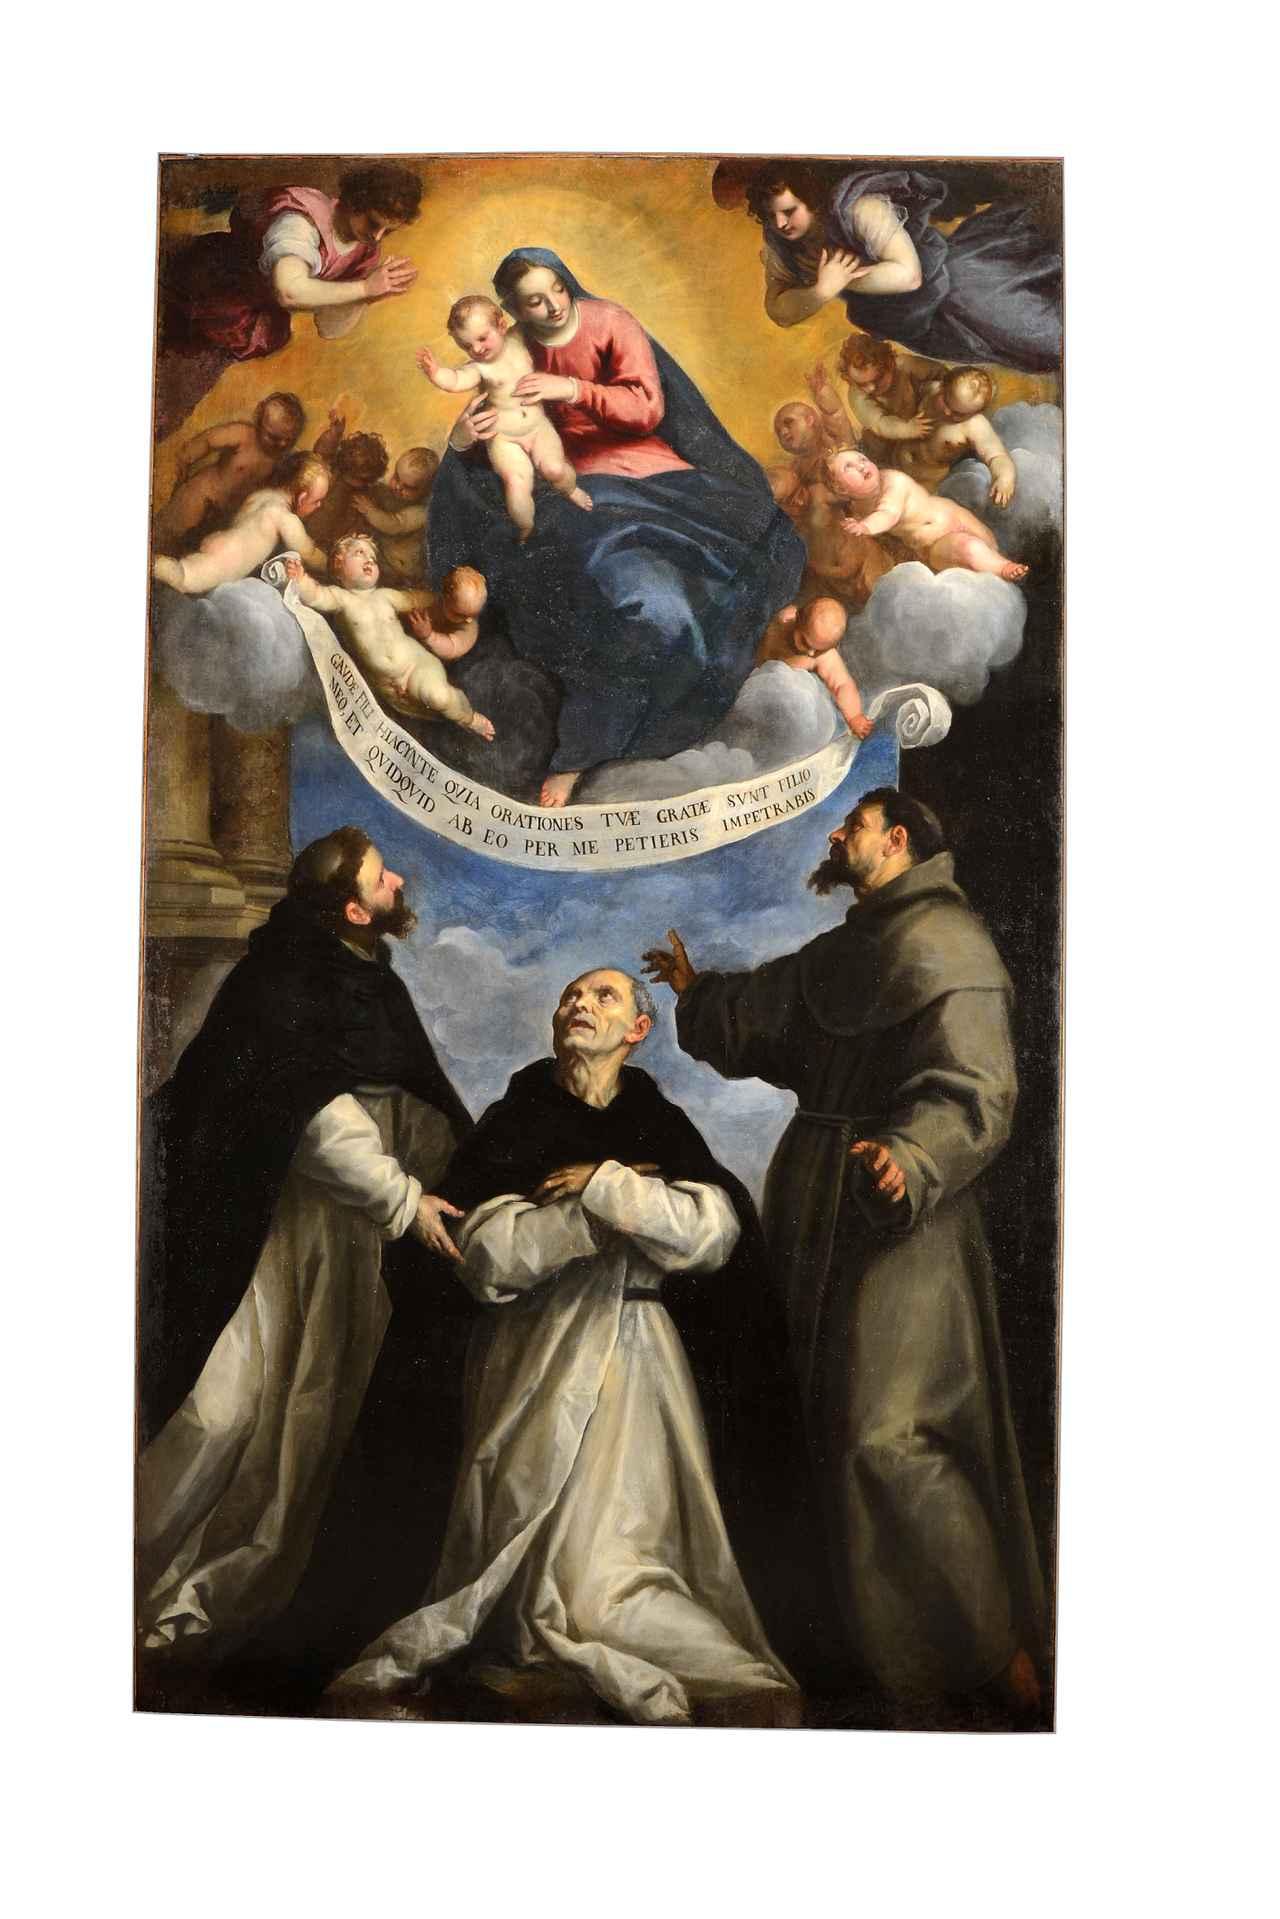 画像: パルマ・イル・ジョーヴァネ(本名ヤコポ・ネグレッティ)《聖母子と聖ドミニクス、聖ヒュアキントゥス、聖フランチェスコ》油彩/カンヴァス